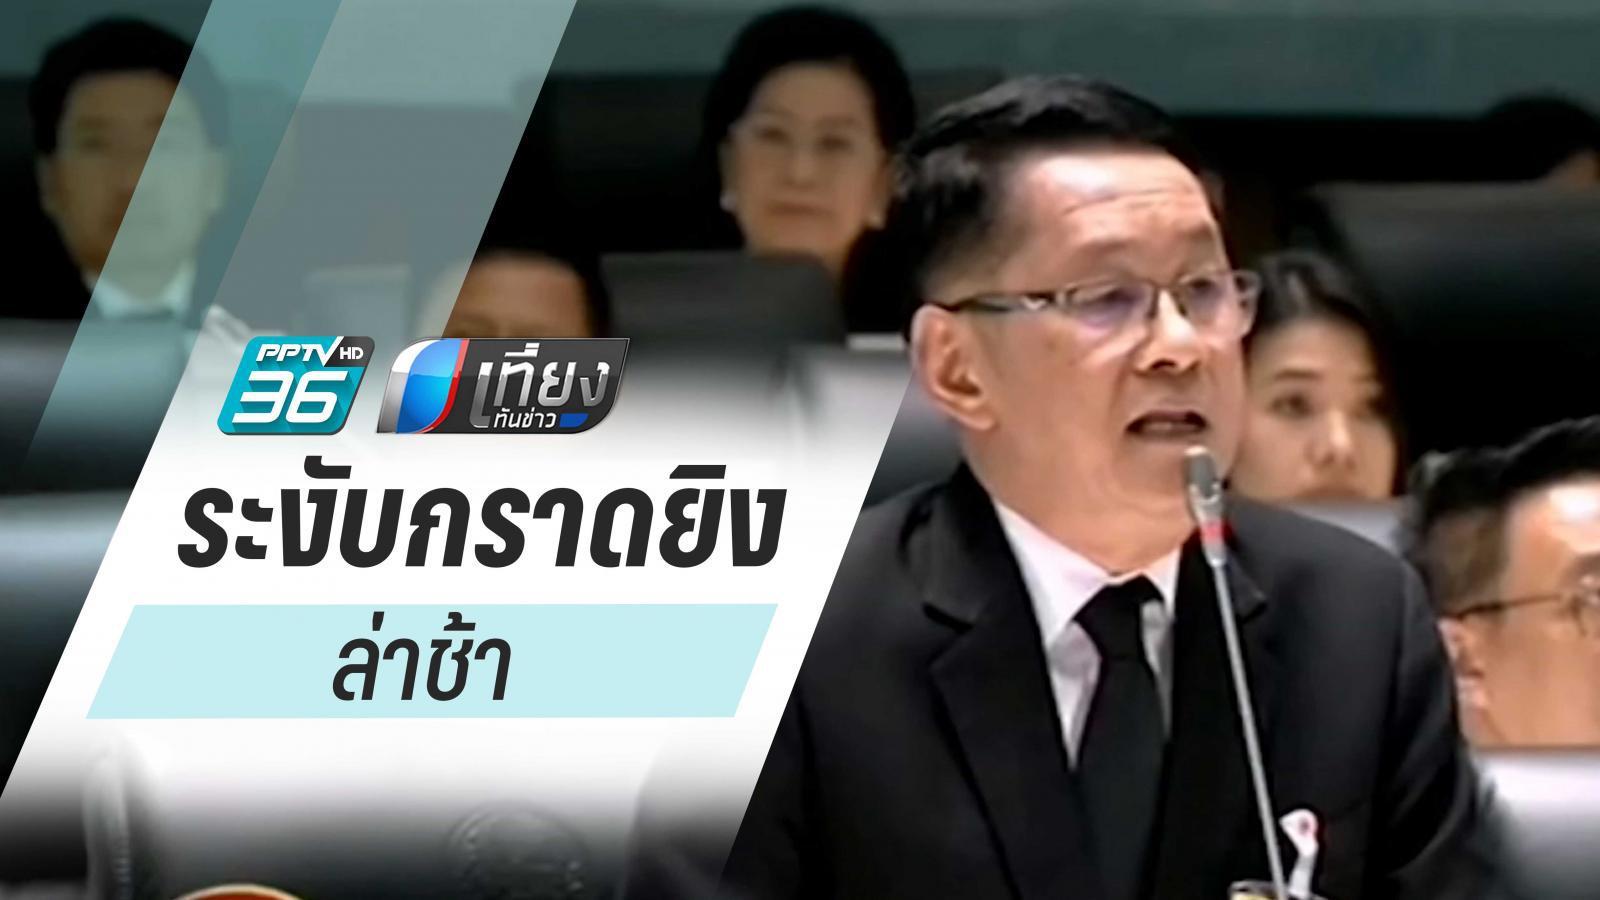 ส.ส.โคราช เพื่อไทย ตั้งข้อสังเกตความล่าช้าระงับกราดยิง